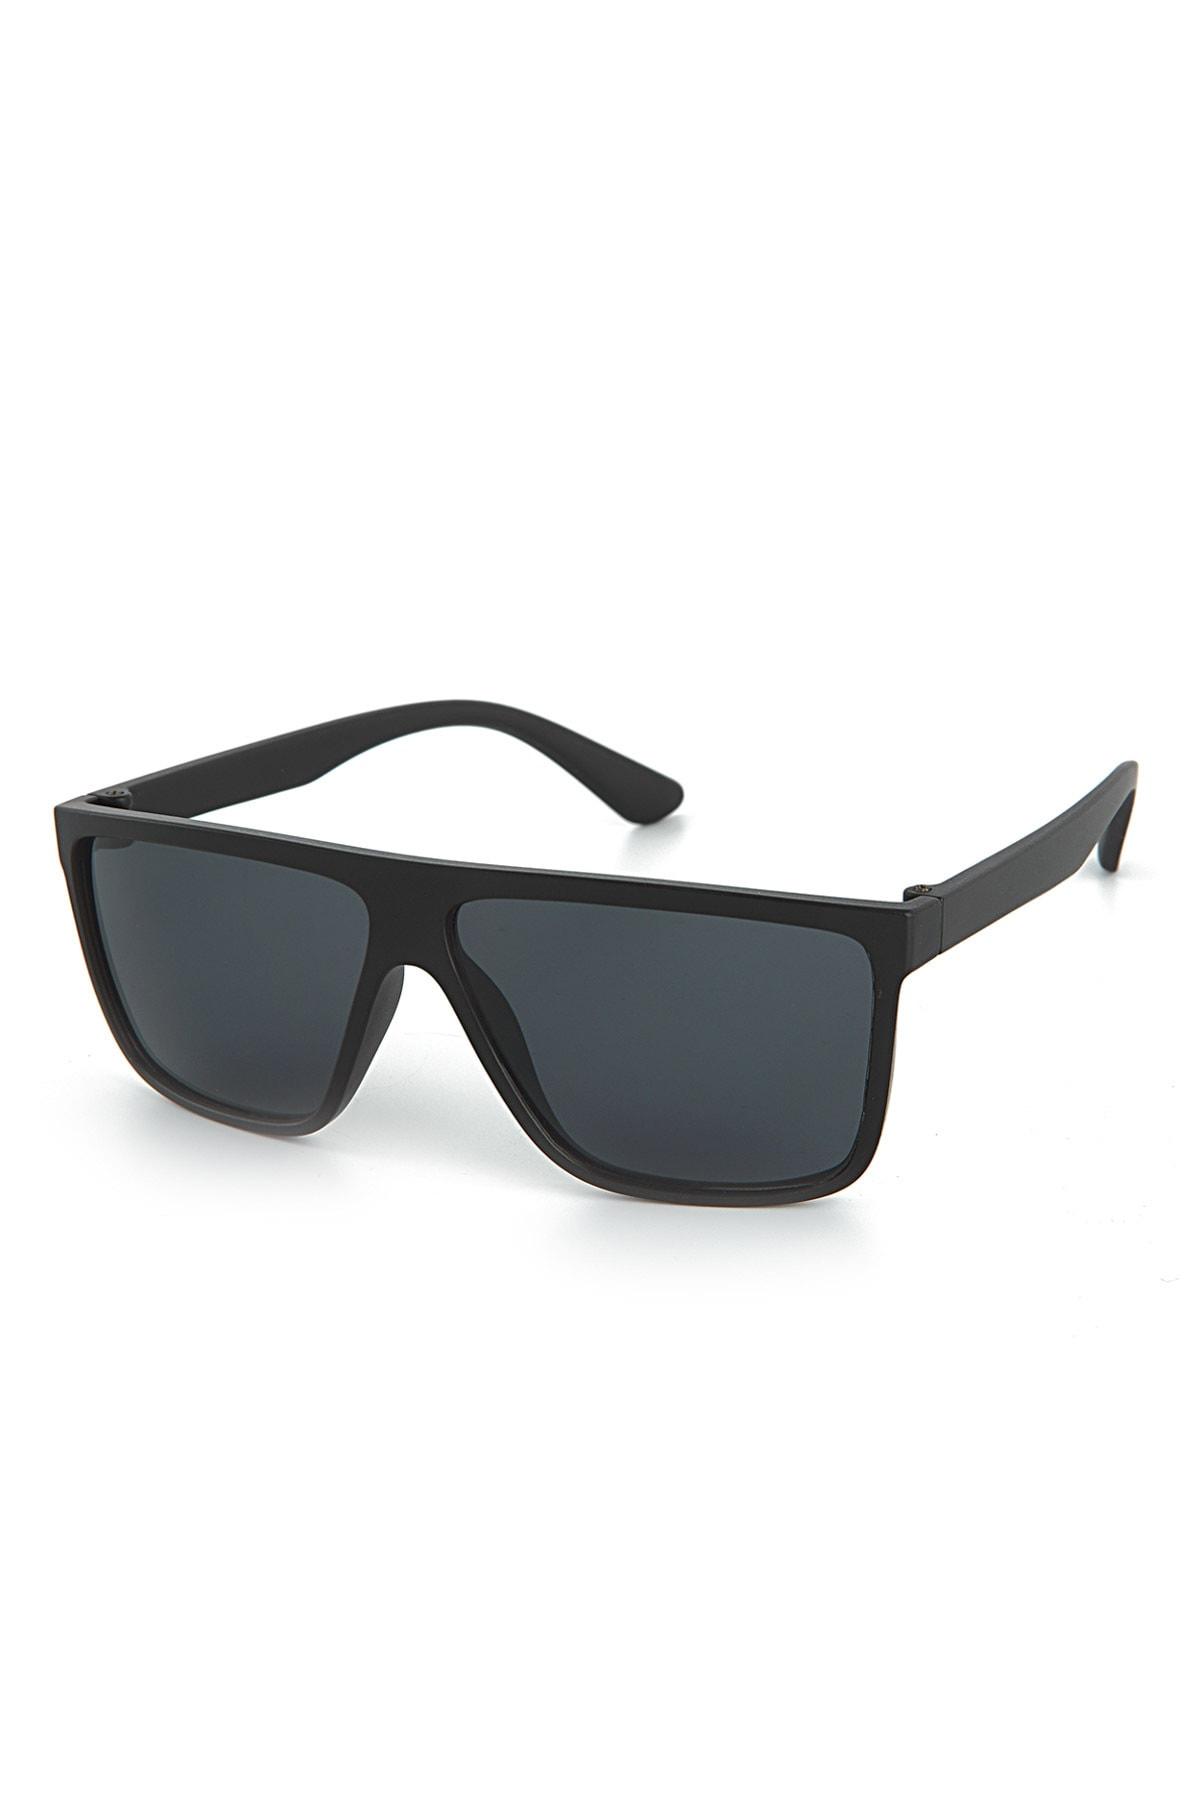 خرید پستی عینک آفتابی زنانه برند Luis Polo رنگ مشکی کد ty40187920